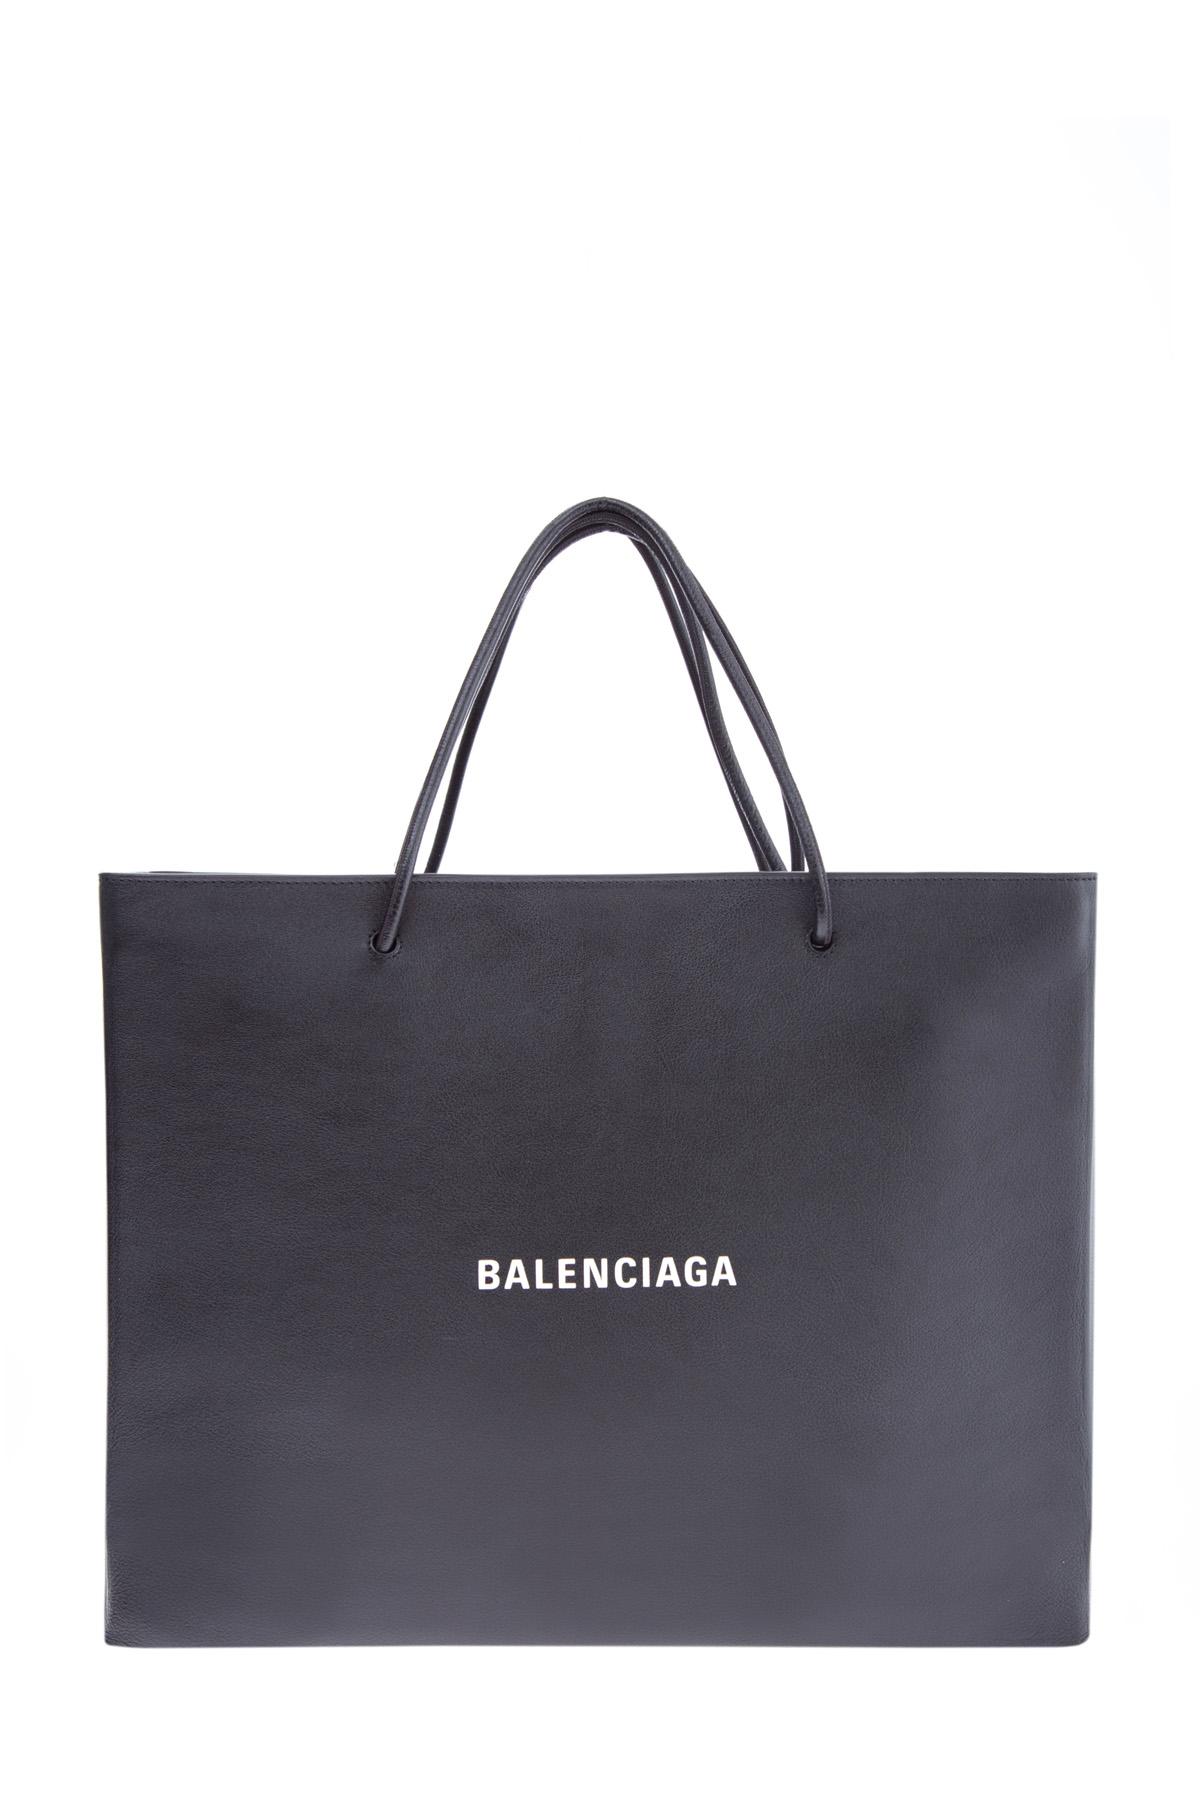 сумка BALENCIAGA BL527227 1060